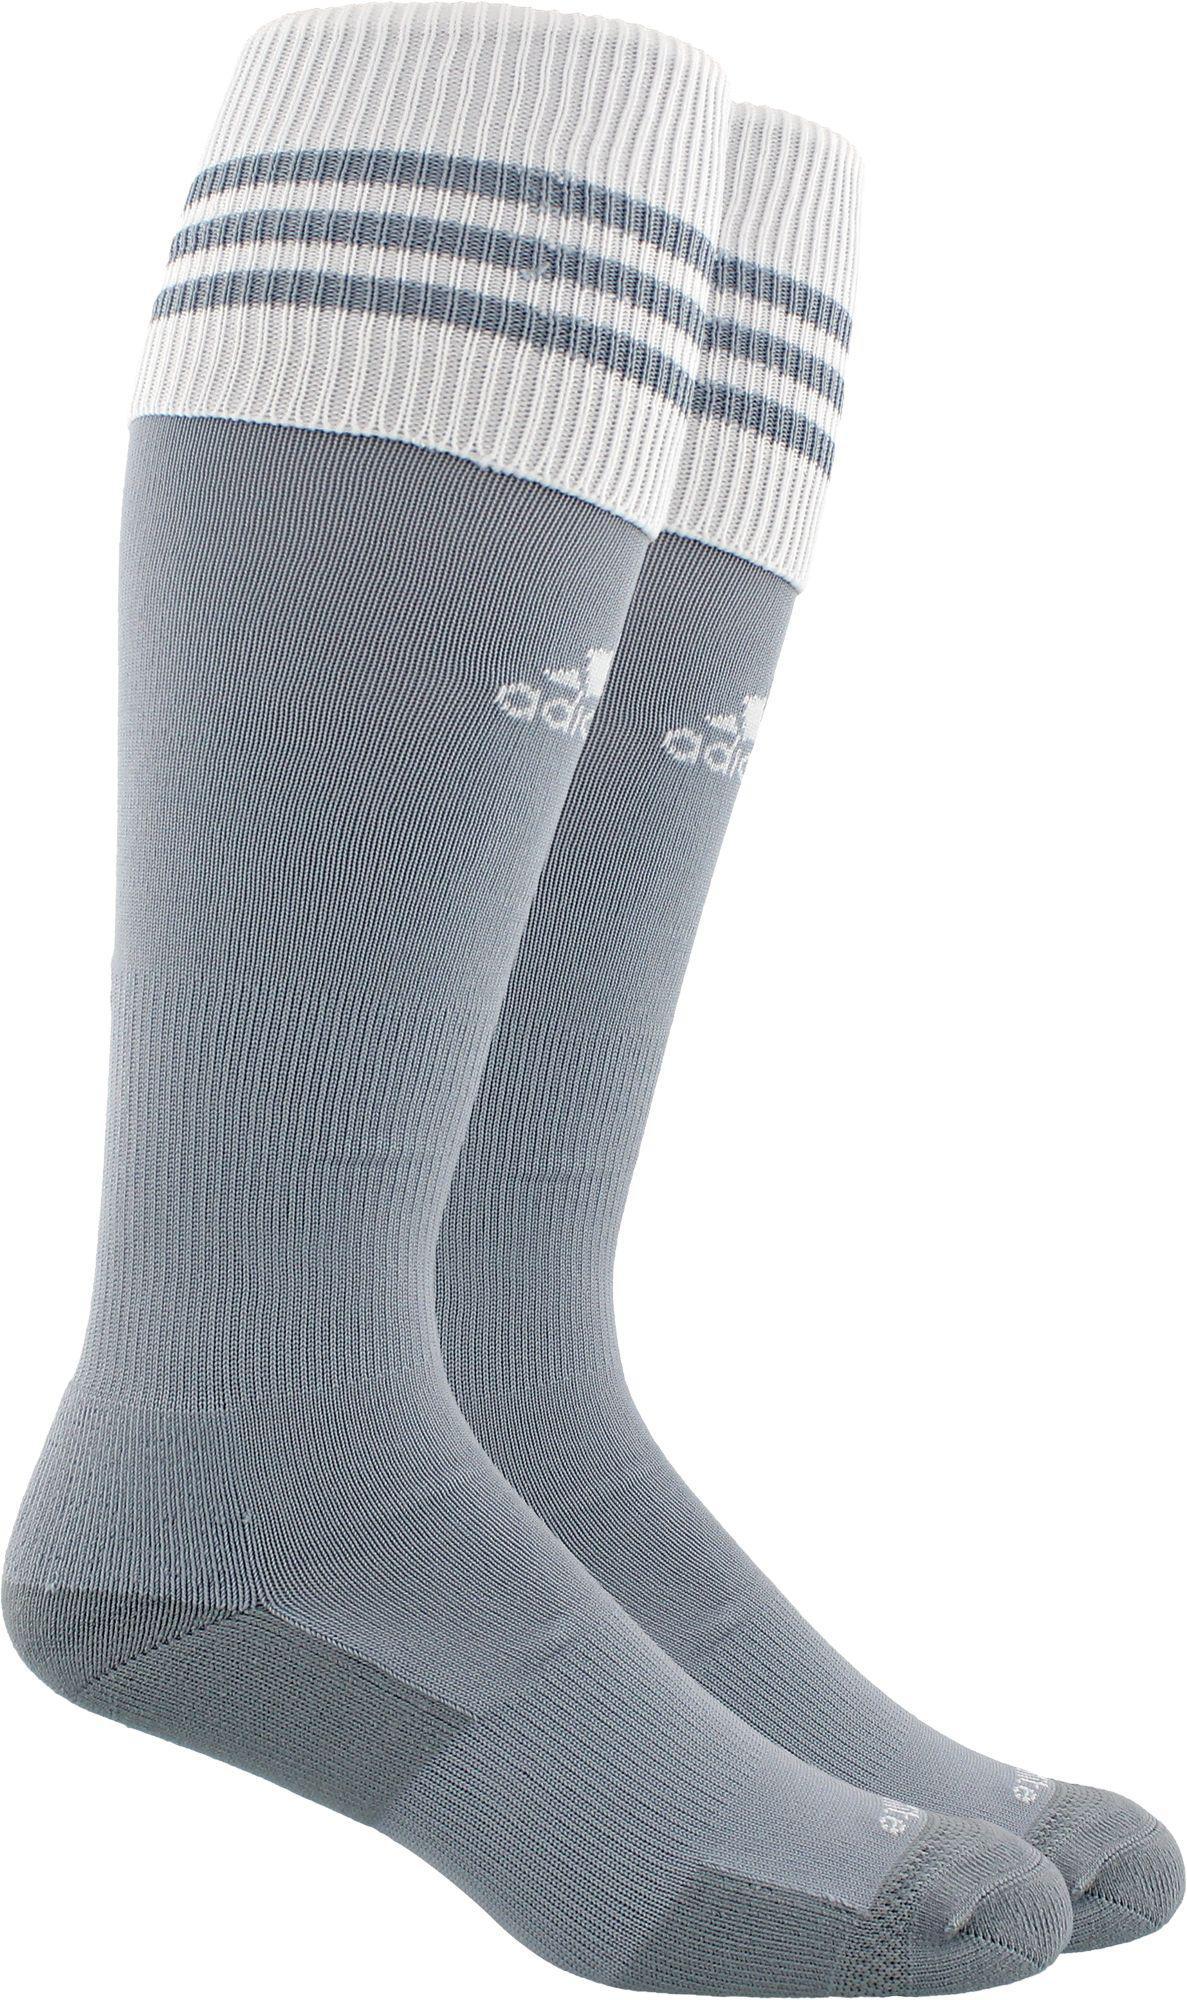 812ccedd3 adidas Copa Zone Cushion Ii Soccer Socks in Gray for Men - Lyst